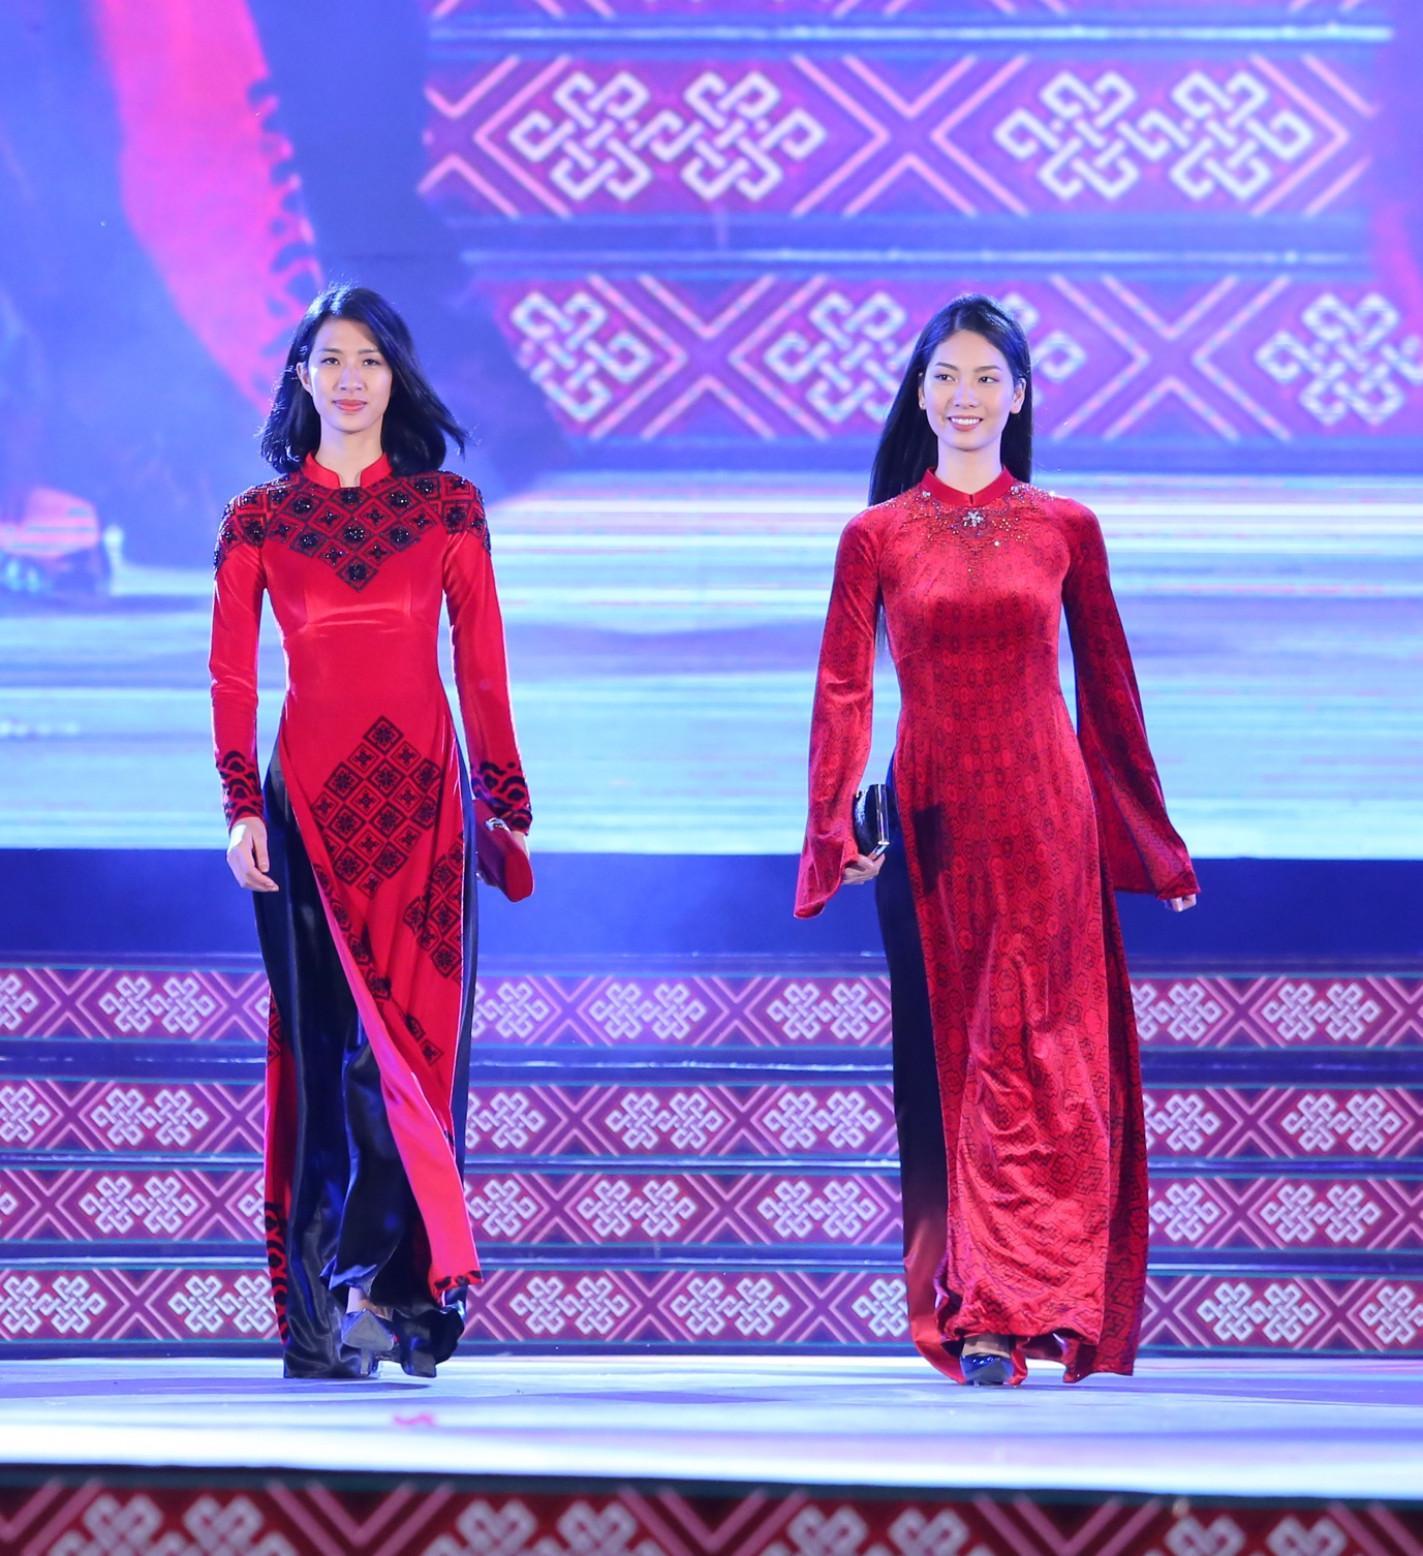 Mẫu áo dài hoạ tiết thổ cẩm trên nền vải nhung đính kết cườm cầu kỳ